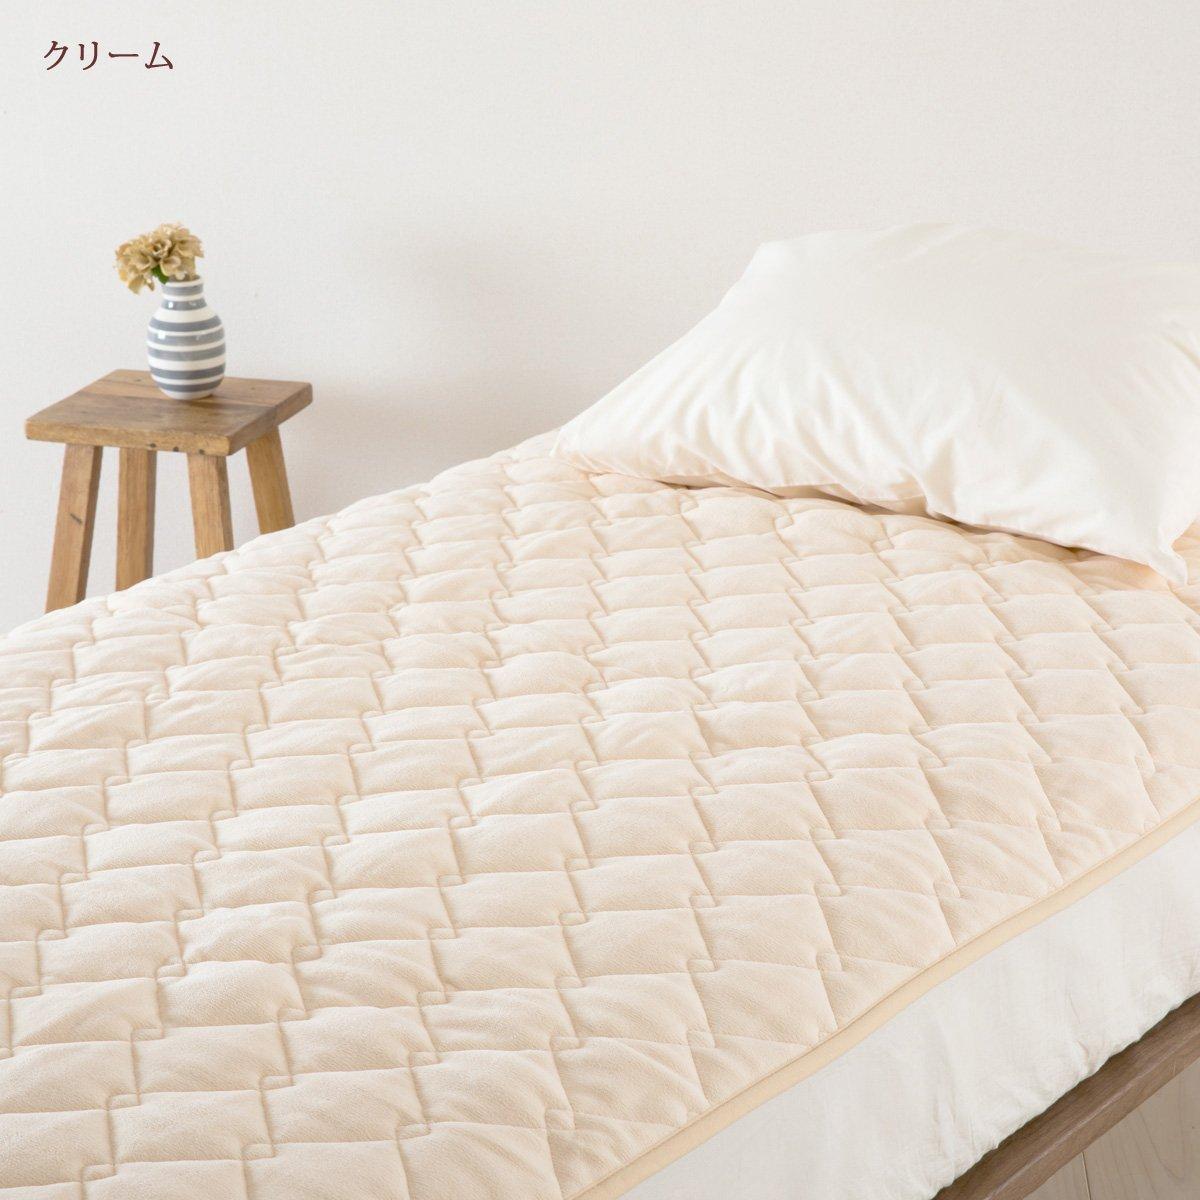 山甚/ジンペット 敷きパッド マイクロマティークファルベ セミダブル 軽量 日本製 2152 クリーム[42] セミダブル B07KFR7R6M